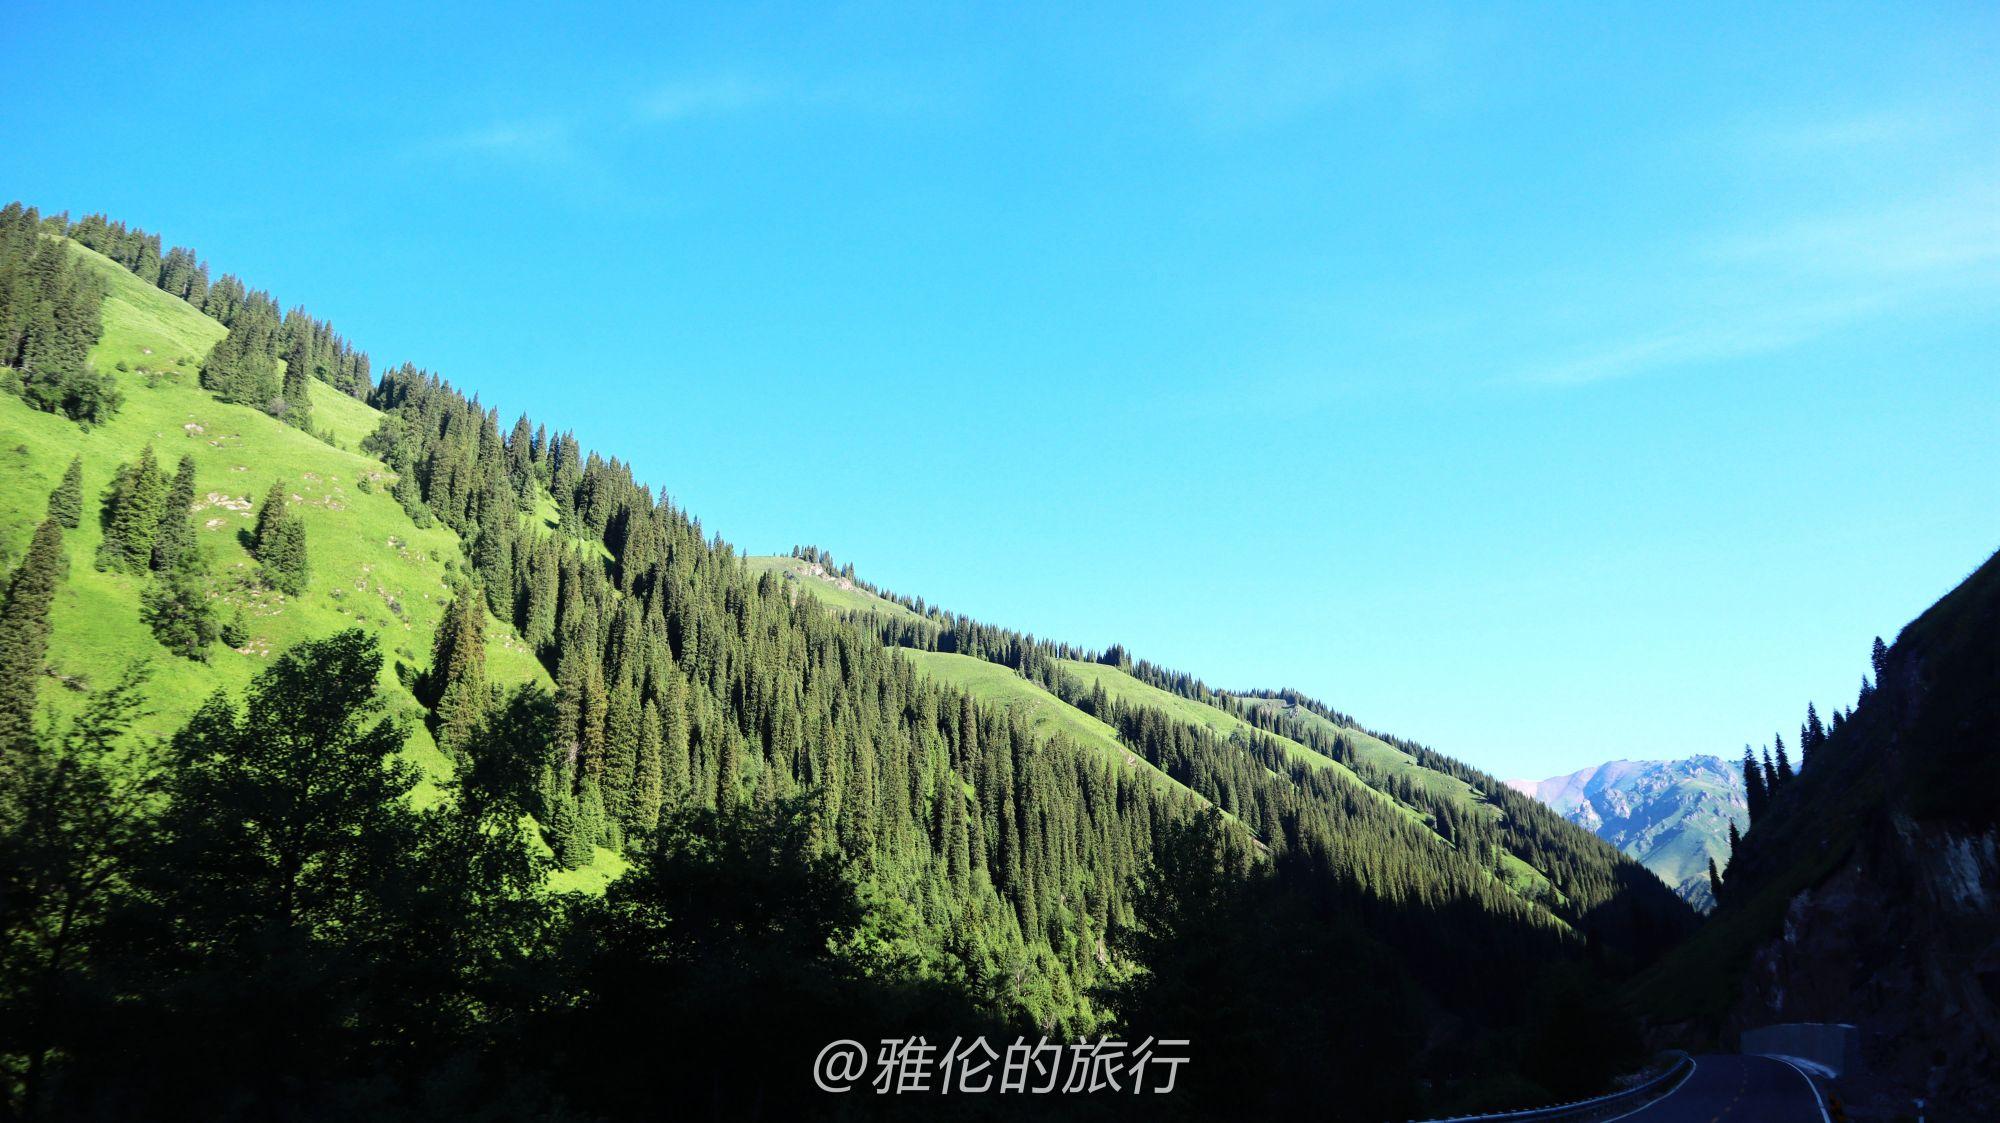 新疆独库公路,晚上10点封路早上8点放行,乔尔玛美到颠覆认知?